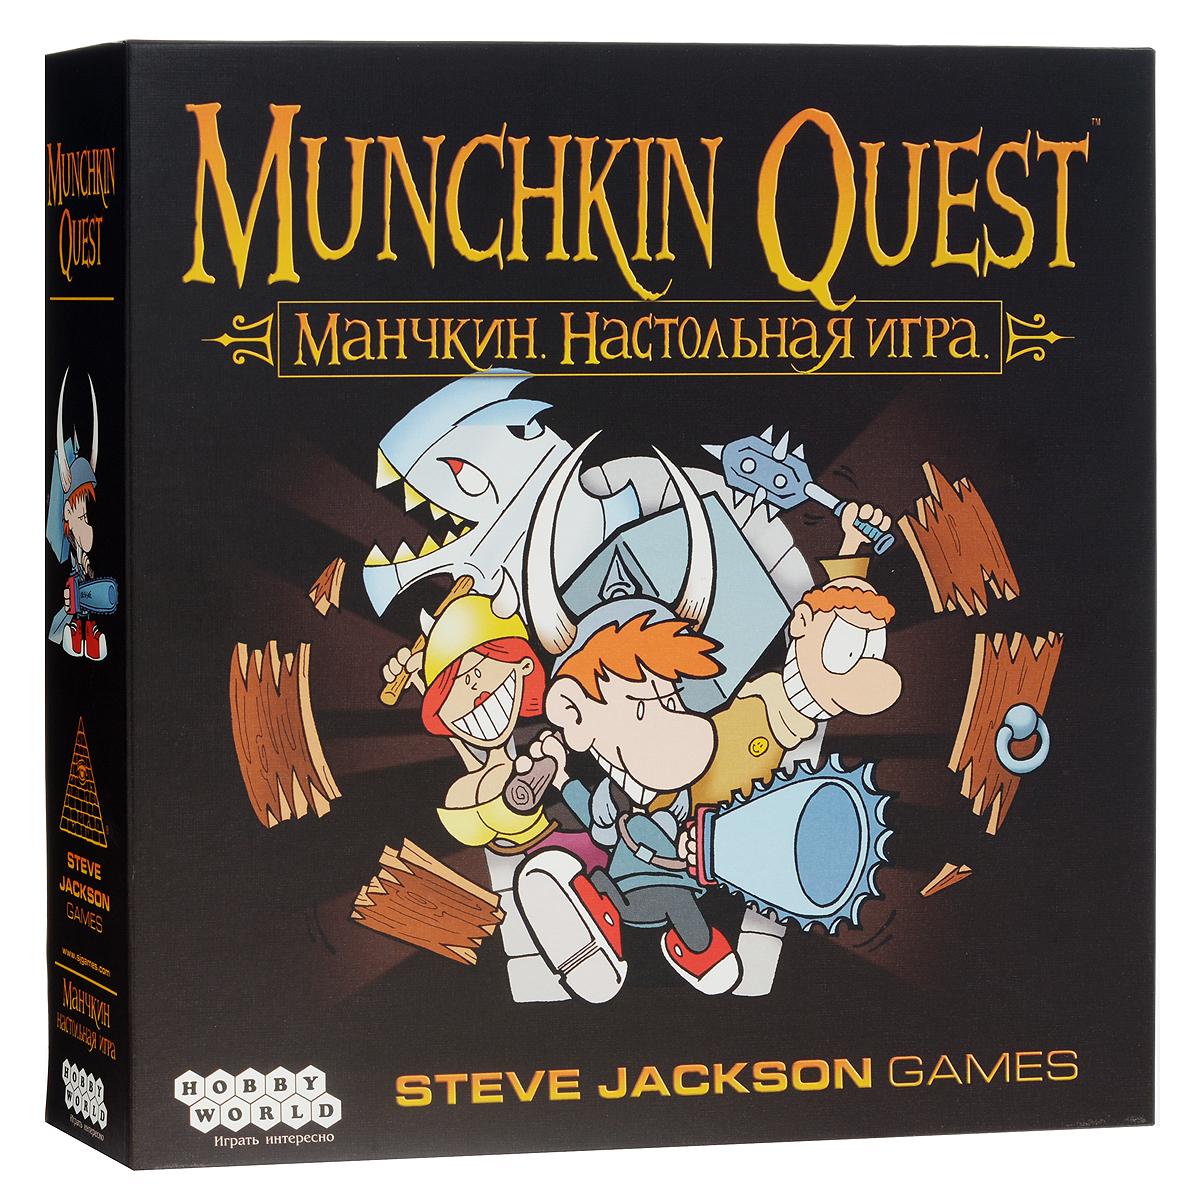 Hobby World Настольная игра Манчкин Quest (4-е издание)1383Настольная игра Hobby World Манчкин Quest - это увлекательное и веселое времяпрепровождение для компании друзей! Бей монстров, выручай сокровища! — вот девиз настольной версии культового Манчкина. Исследуй безразмерное чрево нашего грандиозного подземелья и оцени масштаб изменений, которые настигли твою любимую игру. Основные принципы классического Манчкина сохранены, но теперь монстры умеют двигаться, самая захудалая каморка может похвастаться неповторимой атмосферой, а 10-й уровень не главное. Надо ещё и выйти с этим 10-м уровнем из подземелья. Мимо Босса… В комплект входят 200 карт, 27 жетонов здоровья, 72 жетона золотых монет, 12 жетонов скинутых шмоток, 18 жетонов шагов, 12 жетонов результатов обыска, 4 счетчика уровней, 4 жетона манчкинов, 16 подставок, 24 комнаты, жетон входа, 38 жетонов монстров, 72 жетона стыков, 10 кубиков, правила игры на русском языке. Игра рассчитана на 2-4 игроков, средняя продолжительность - от 90 минут. Рекомендуем!